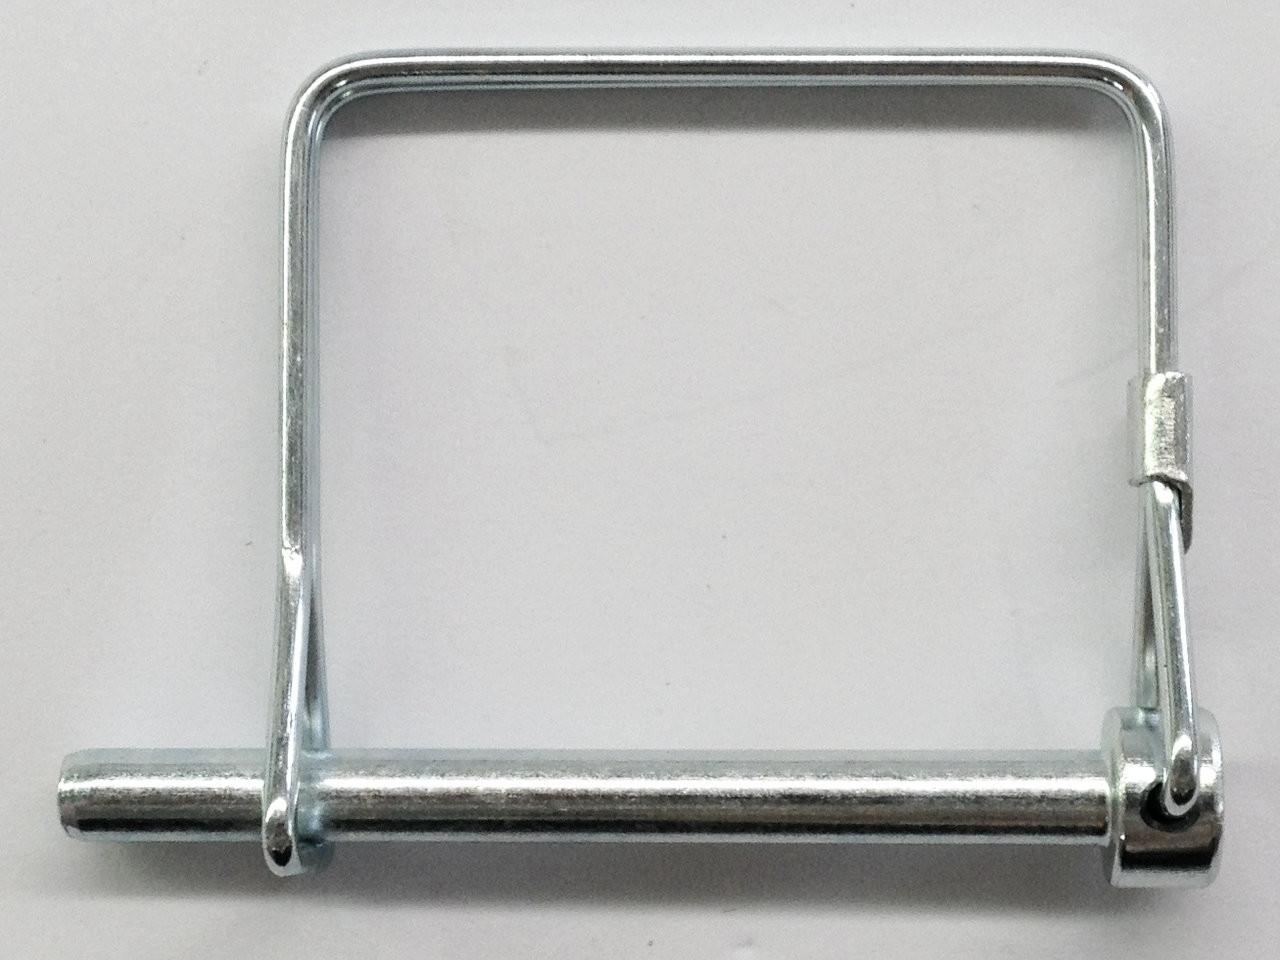 Coupler Latch Pin : Trailer coupler saftey locking pin